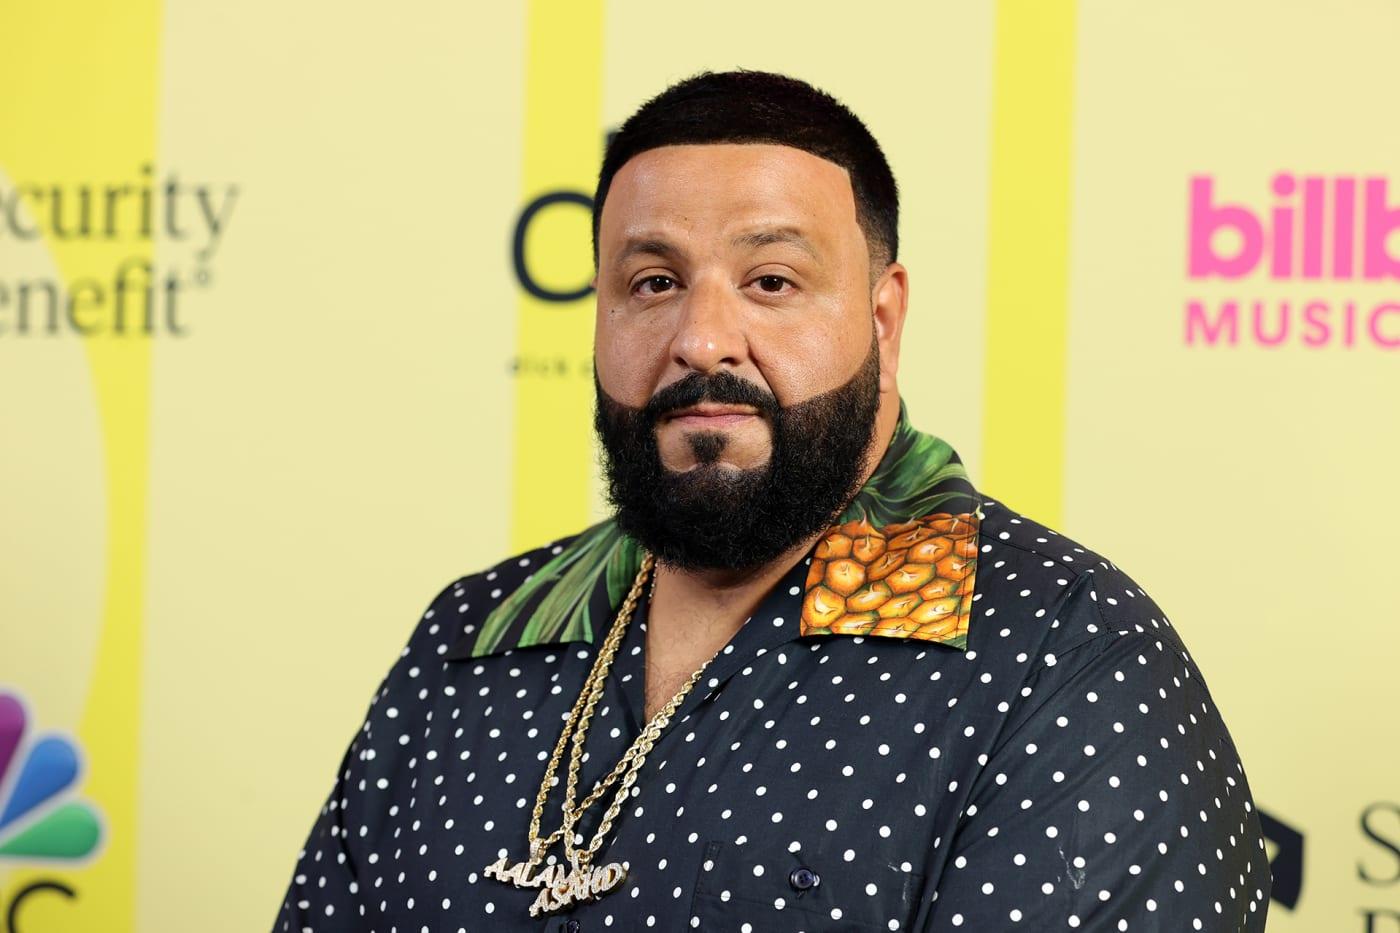 DJ Khaled poses backstage for the 2021 Billboard Music Awards